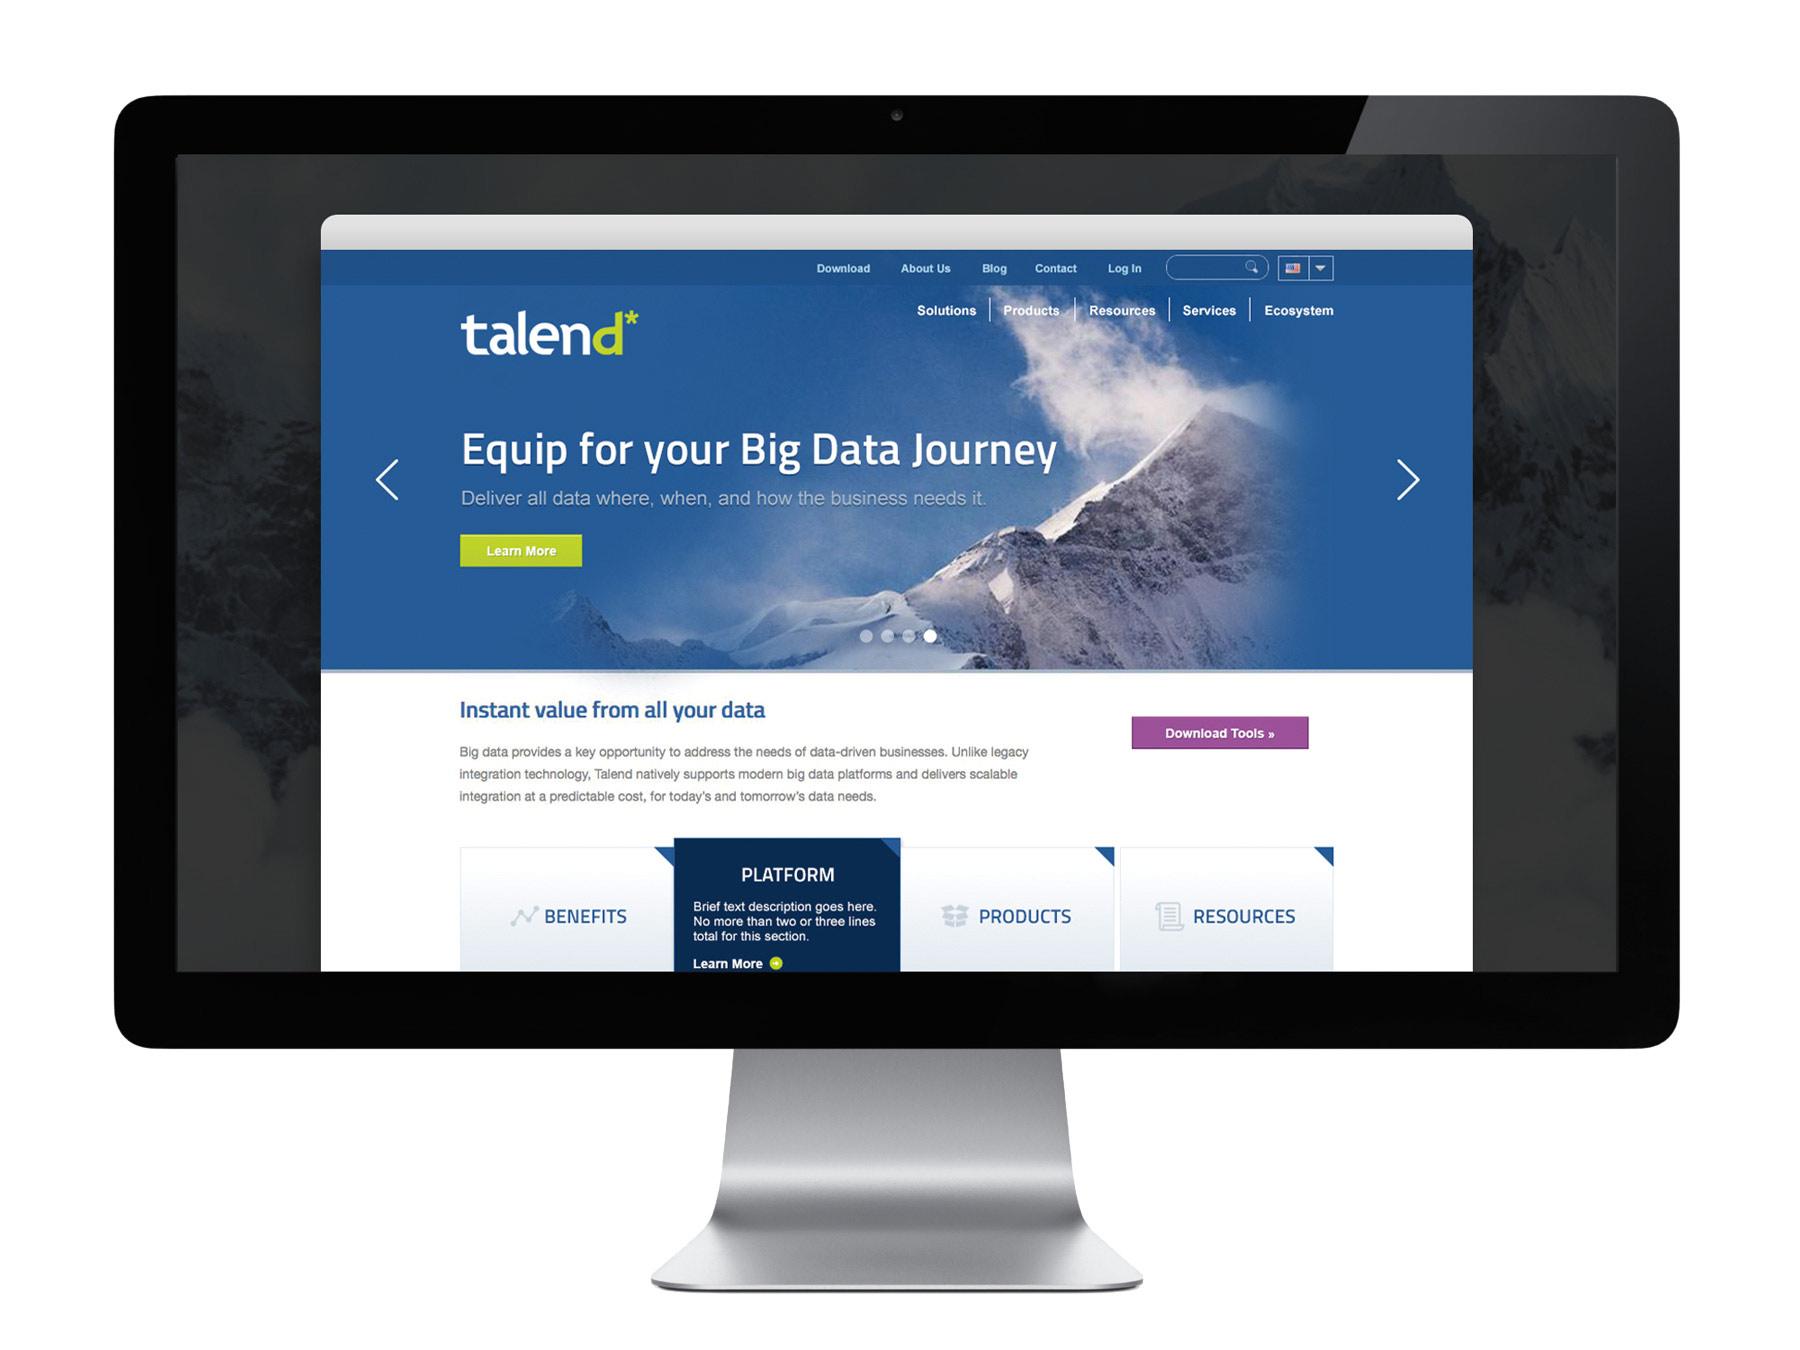 Talend website